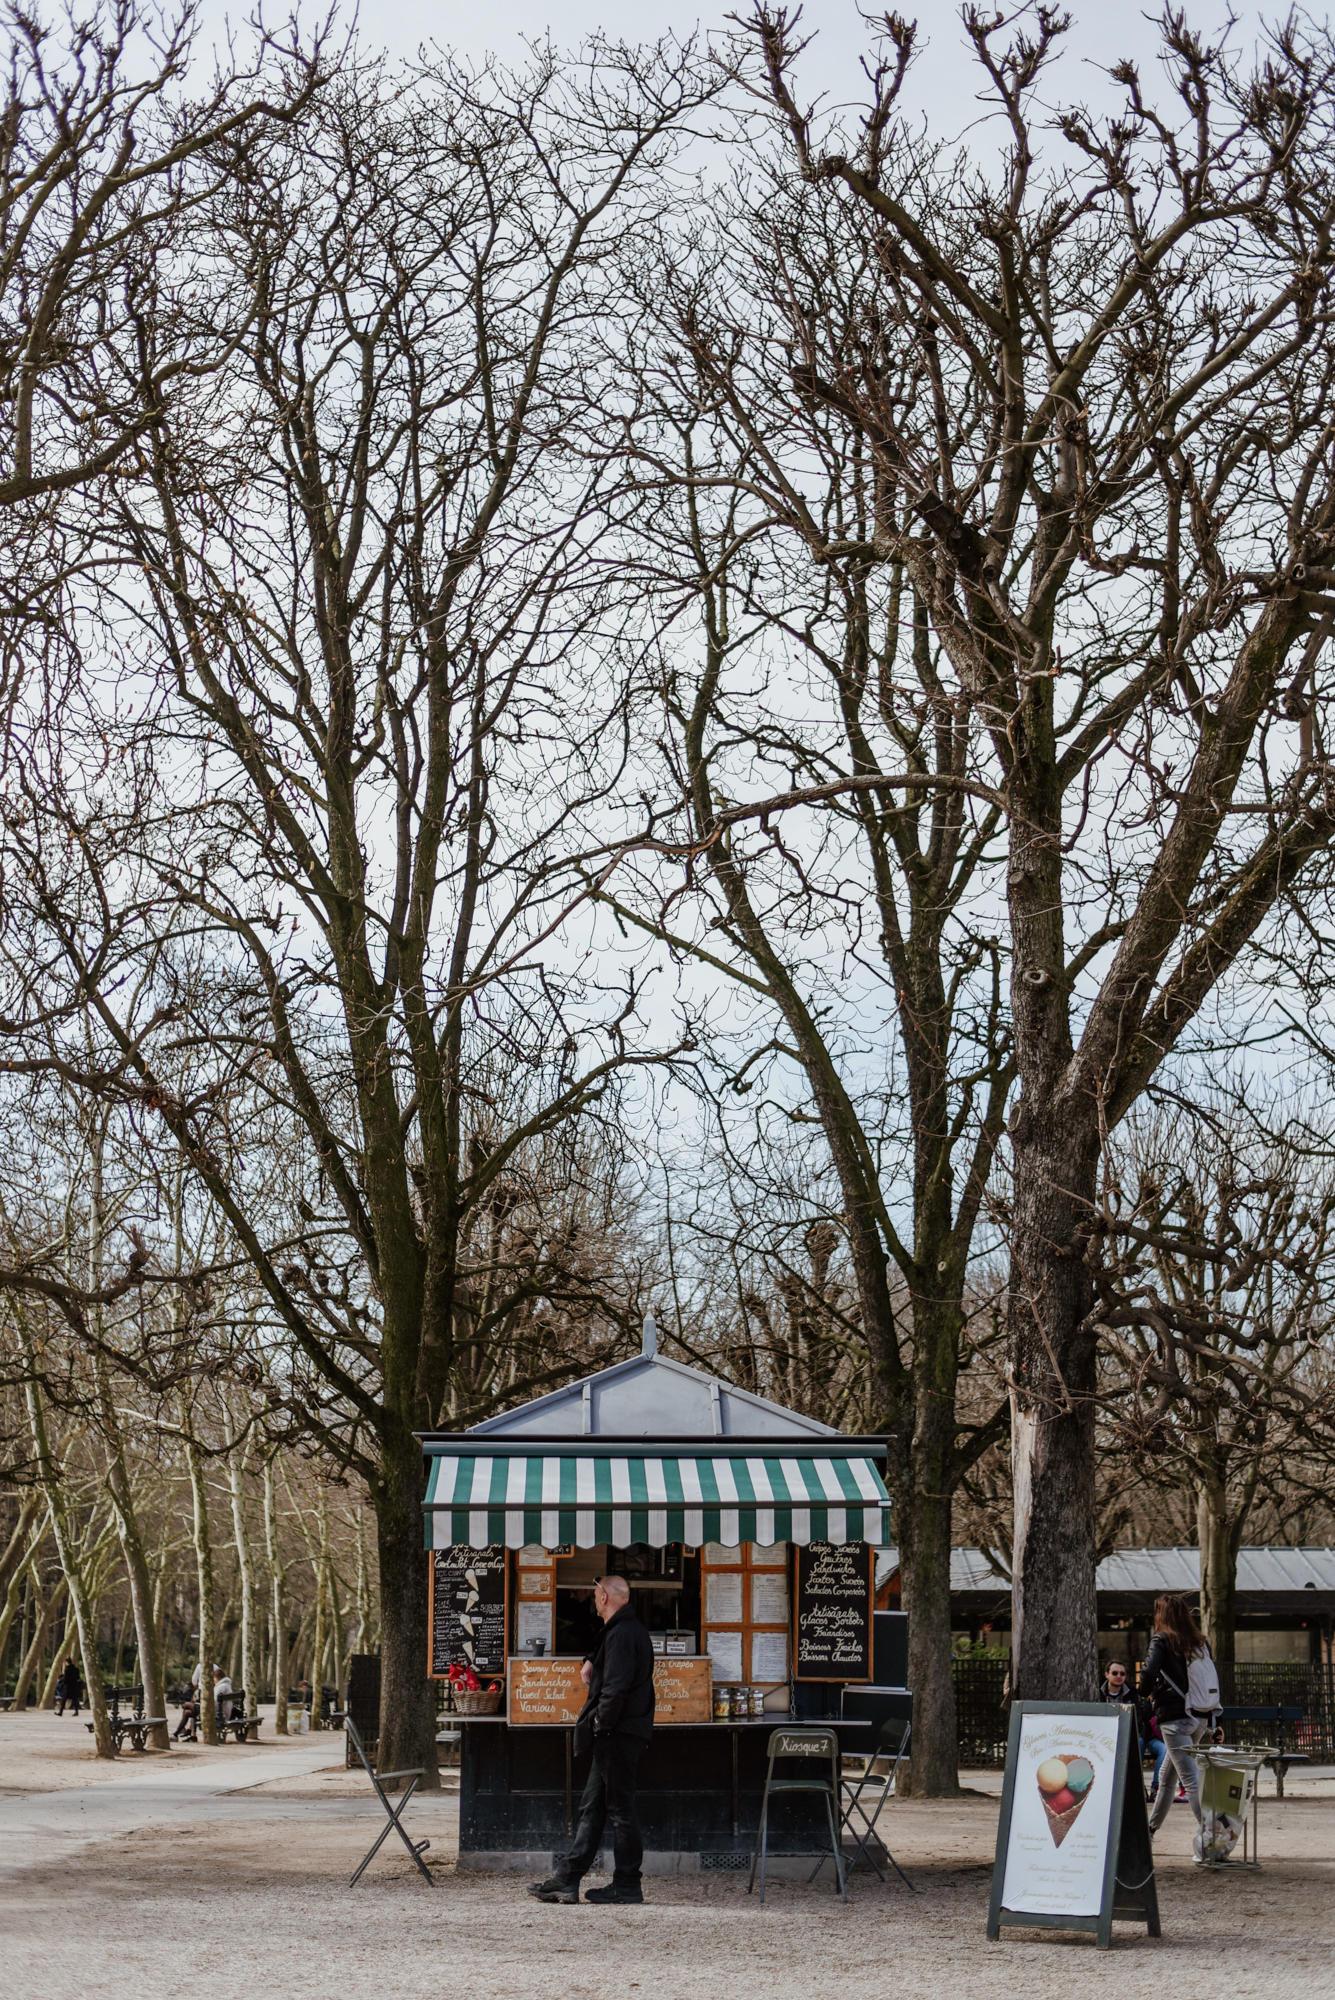 Crêperie in Jardin De Luxembourg Paris